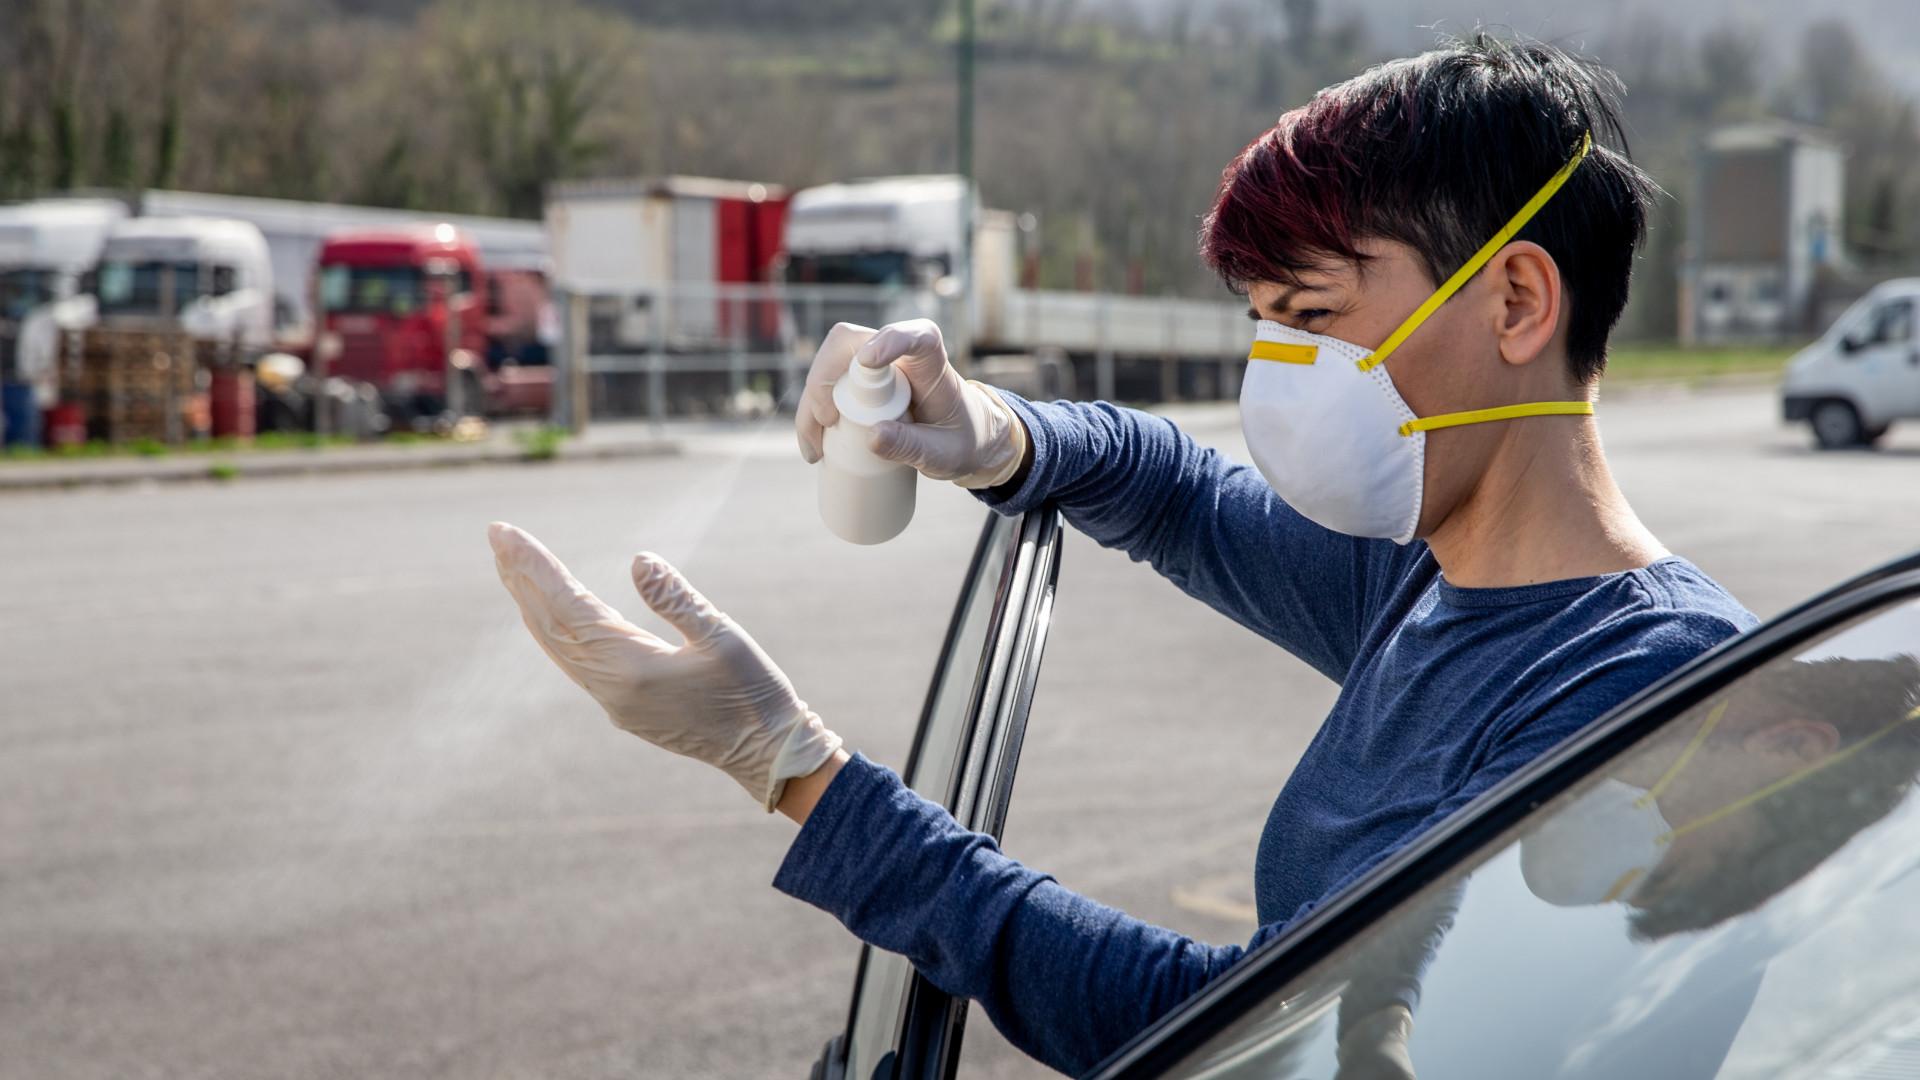 Koronavírus: új csúcson a járvány globális terjedési üteme, míg itthon és a régiónkban szépen enyhül